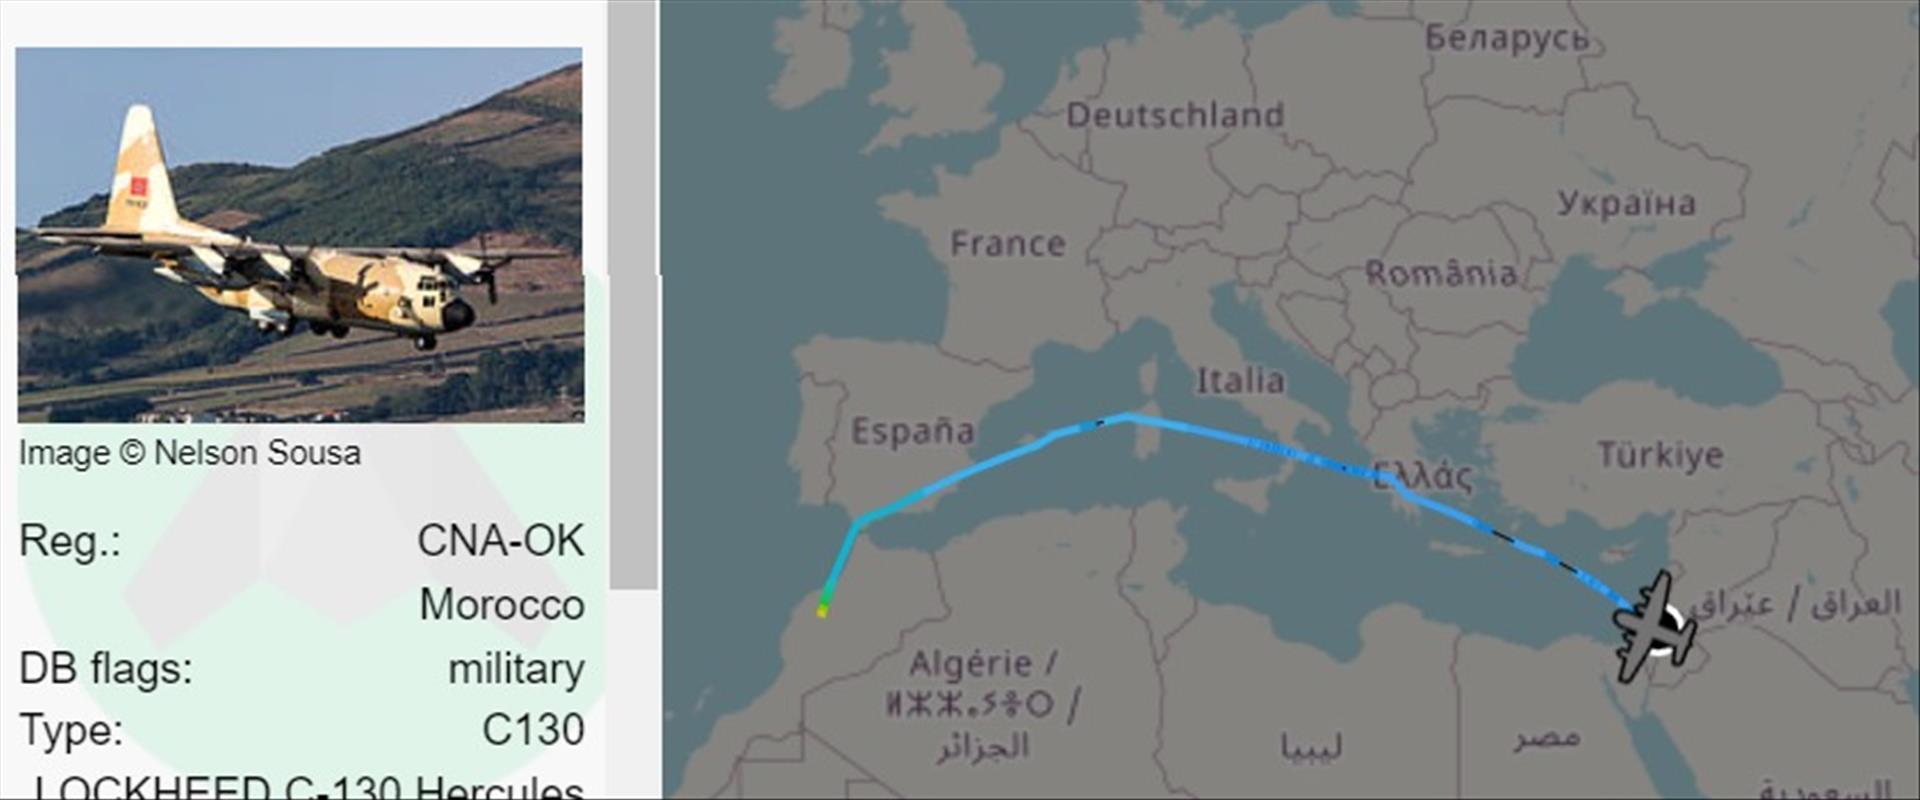 ההרקולס המרוקני שנחת בבסיס חצור